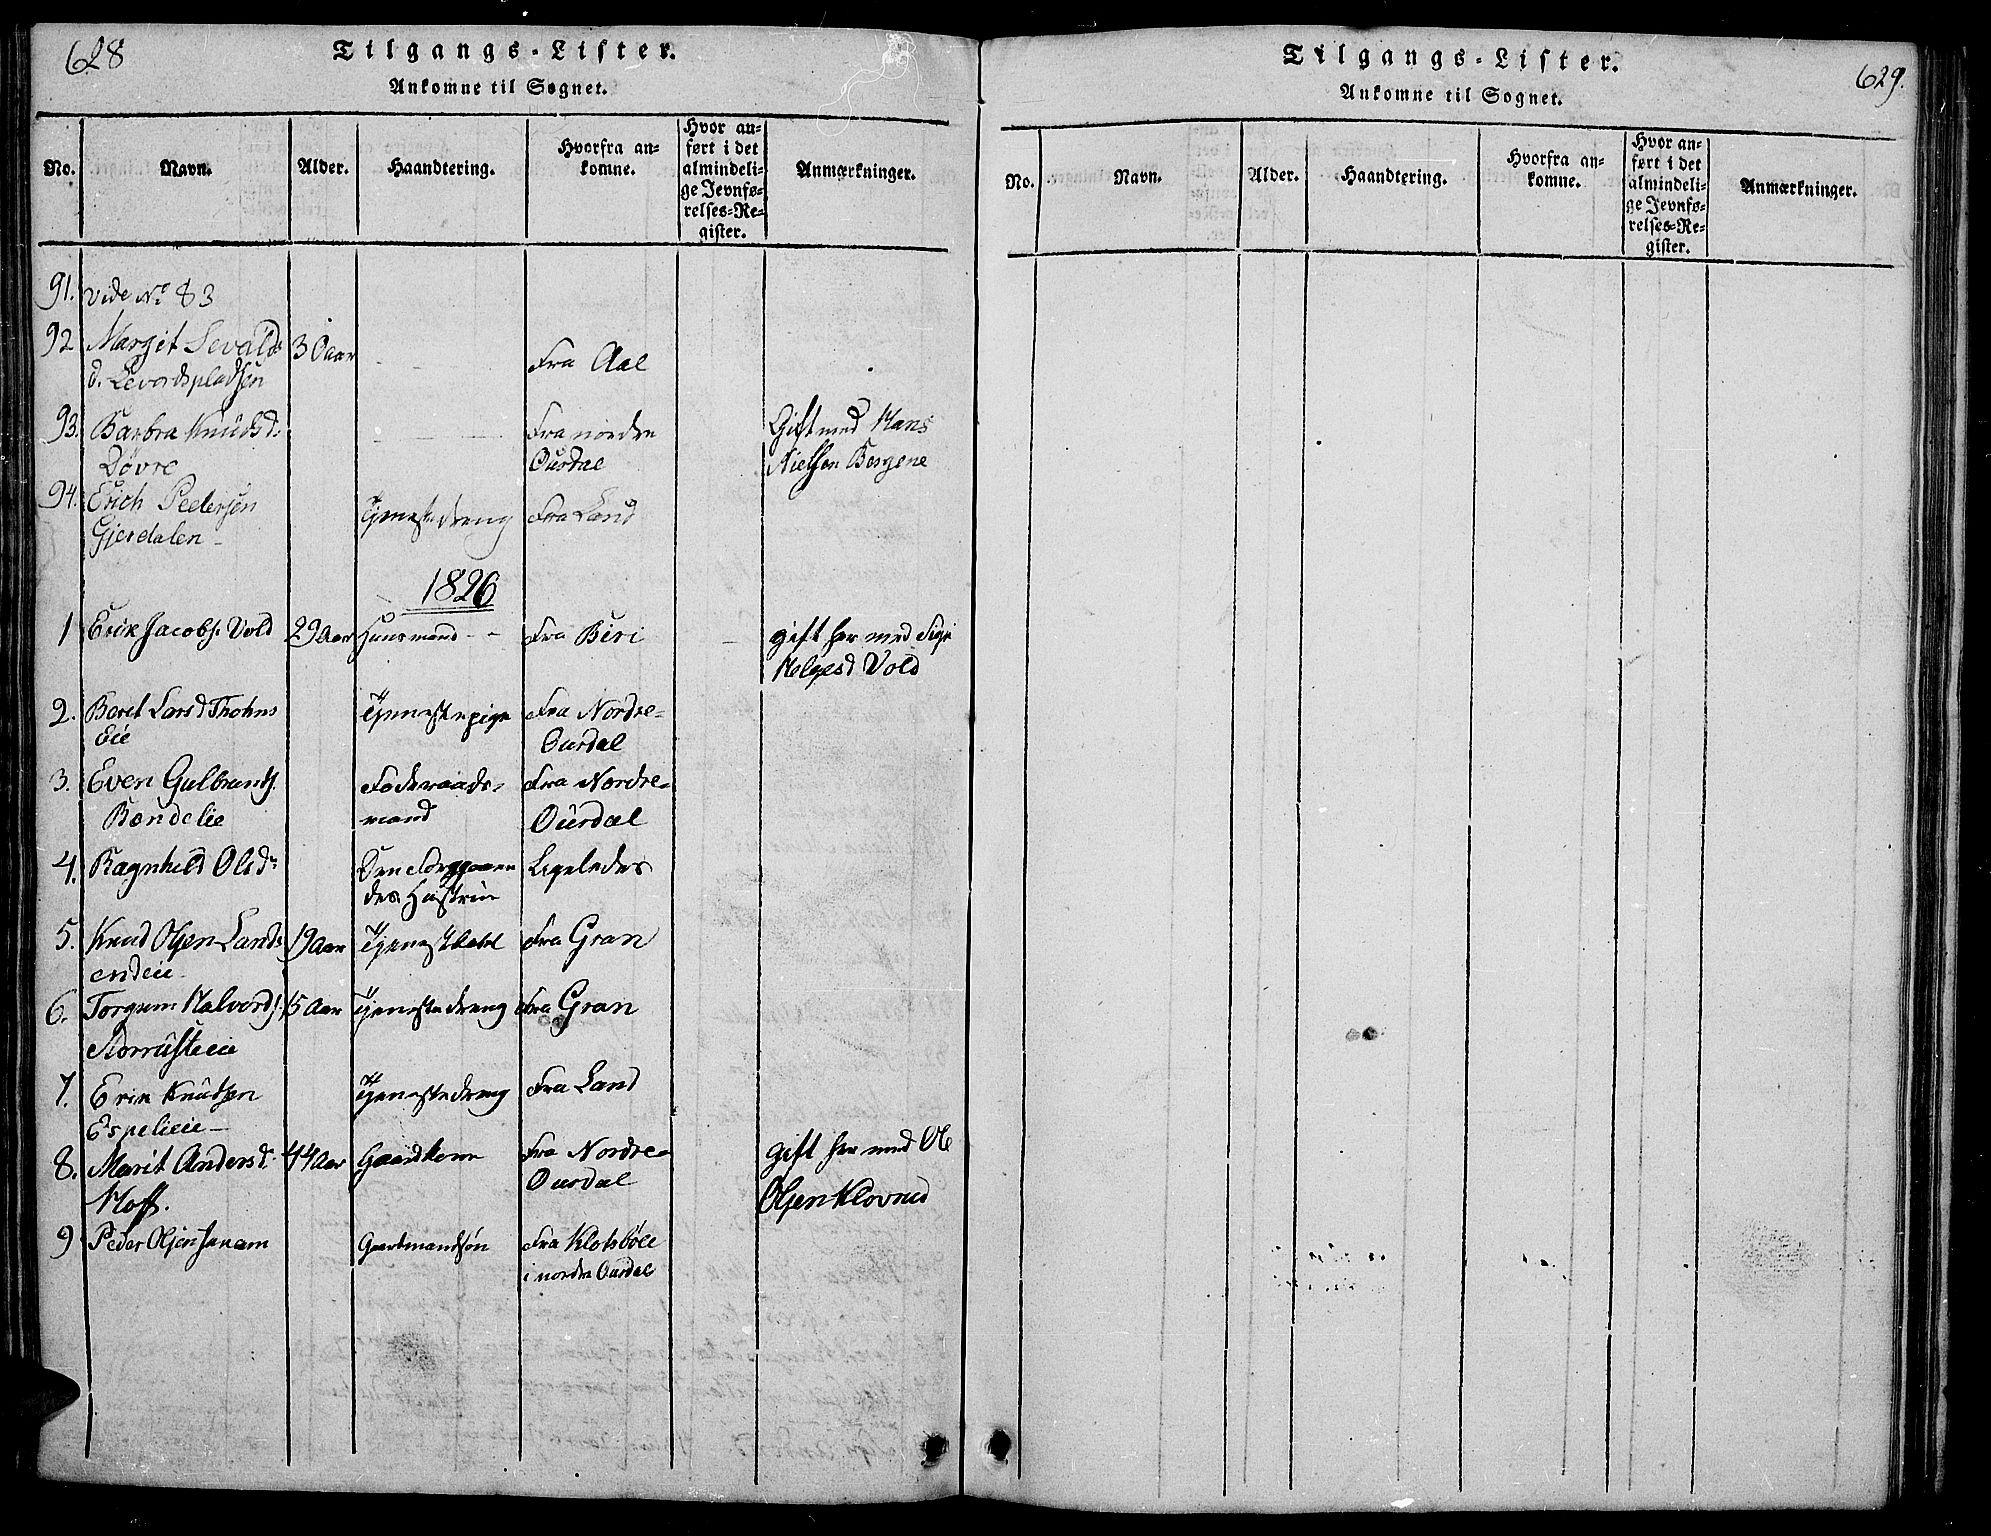 SAH, Sør-Aurdal prestekontor, Klokkerbok nr. 1, 1815-1826, s. 628-629